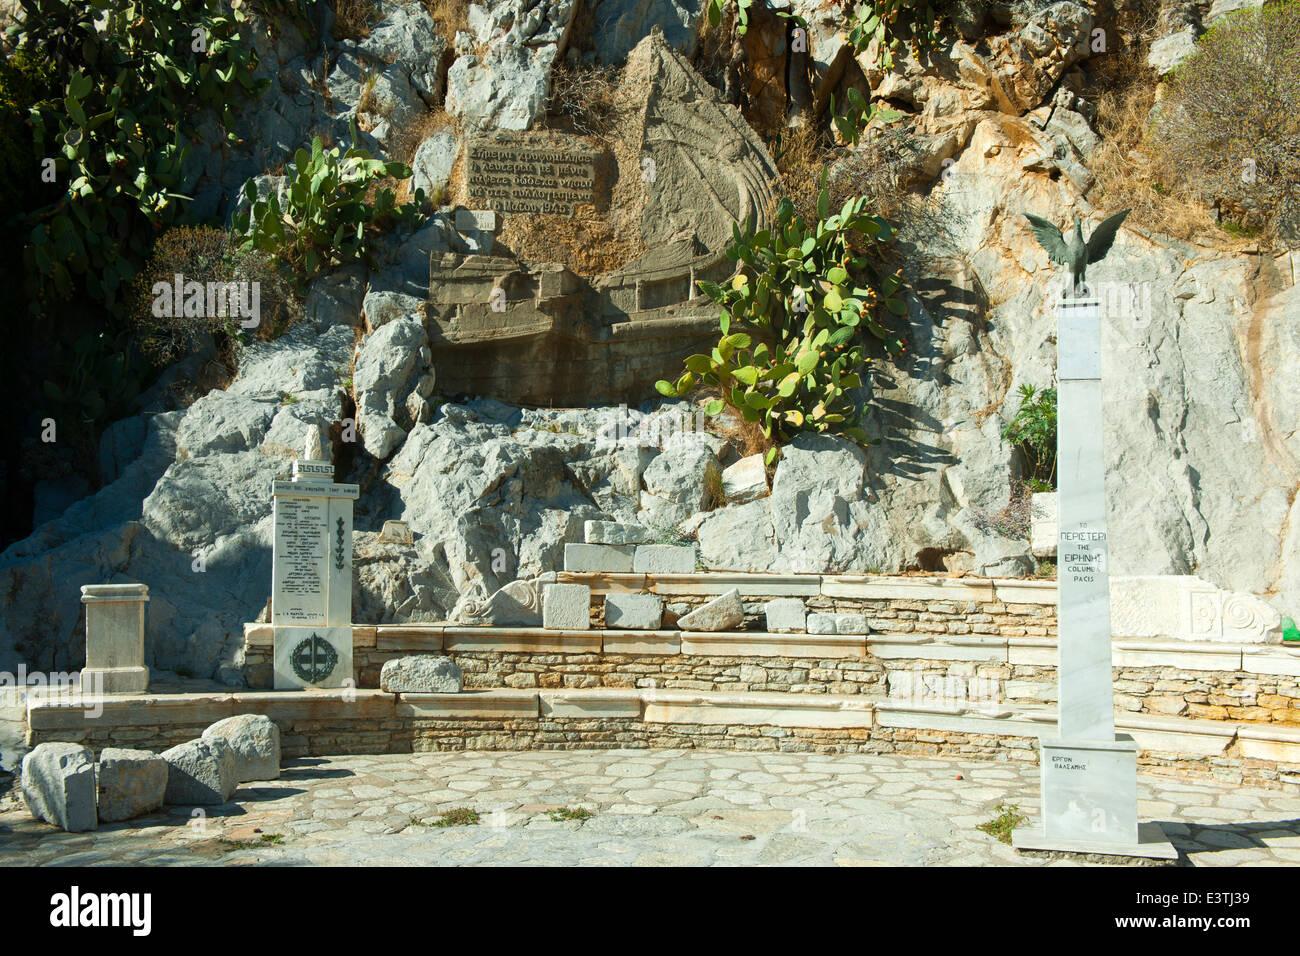 Griechenland, Symi, Denkmal zur Erinnerung an die Ãœbergabe des Dodekanes an Griechenland nach dem 2. Weltkrieg - Stock Image